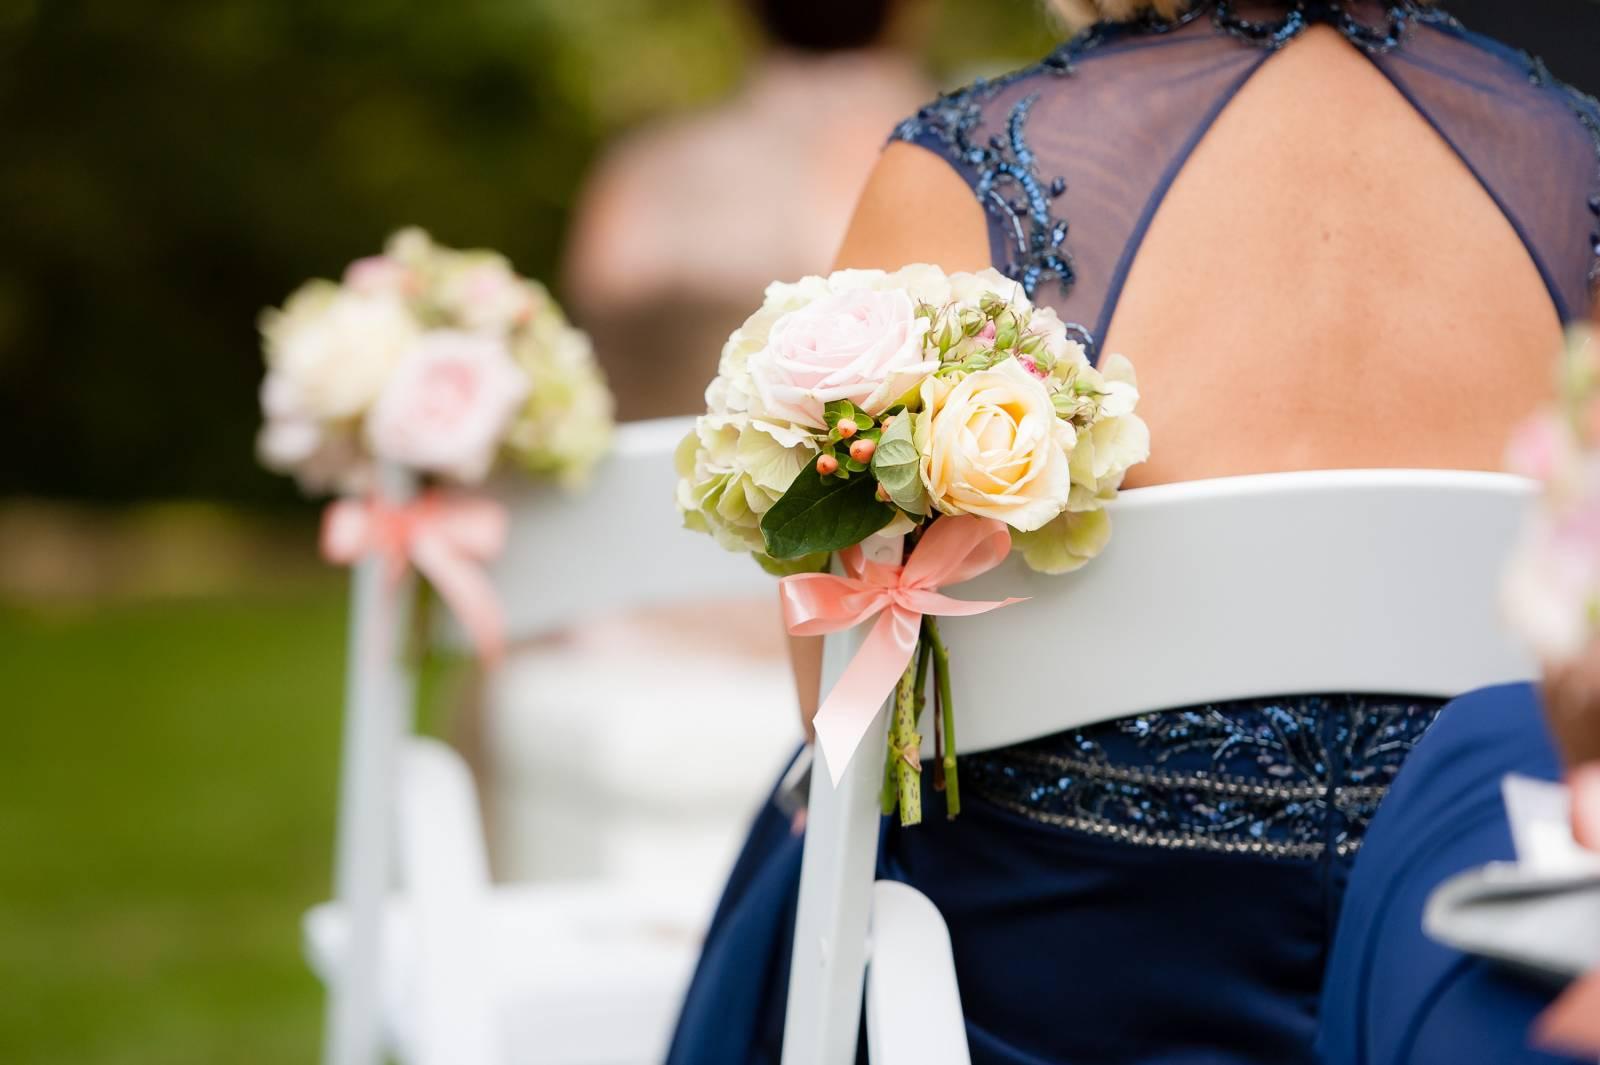 Domein Saint-Hubert - House of Weddings - Feestzaal Oost-Vlaanderen - Ronse - huwelijk - ceremonie cateri (5)